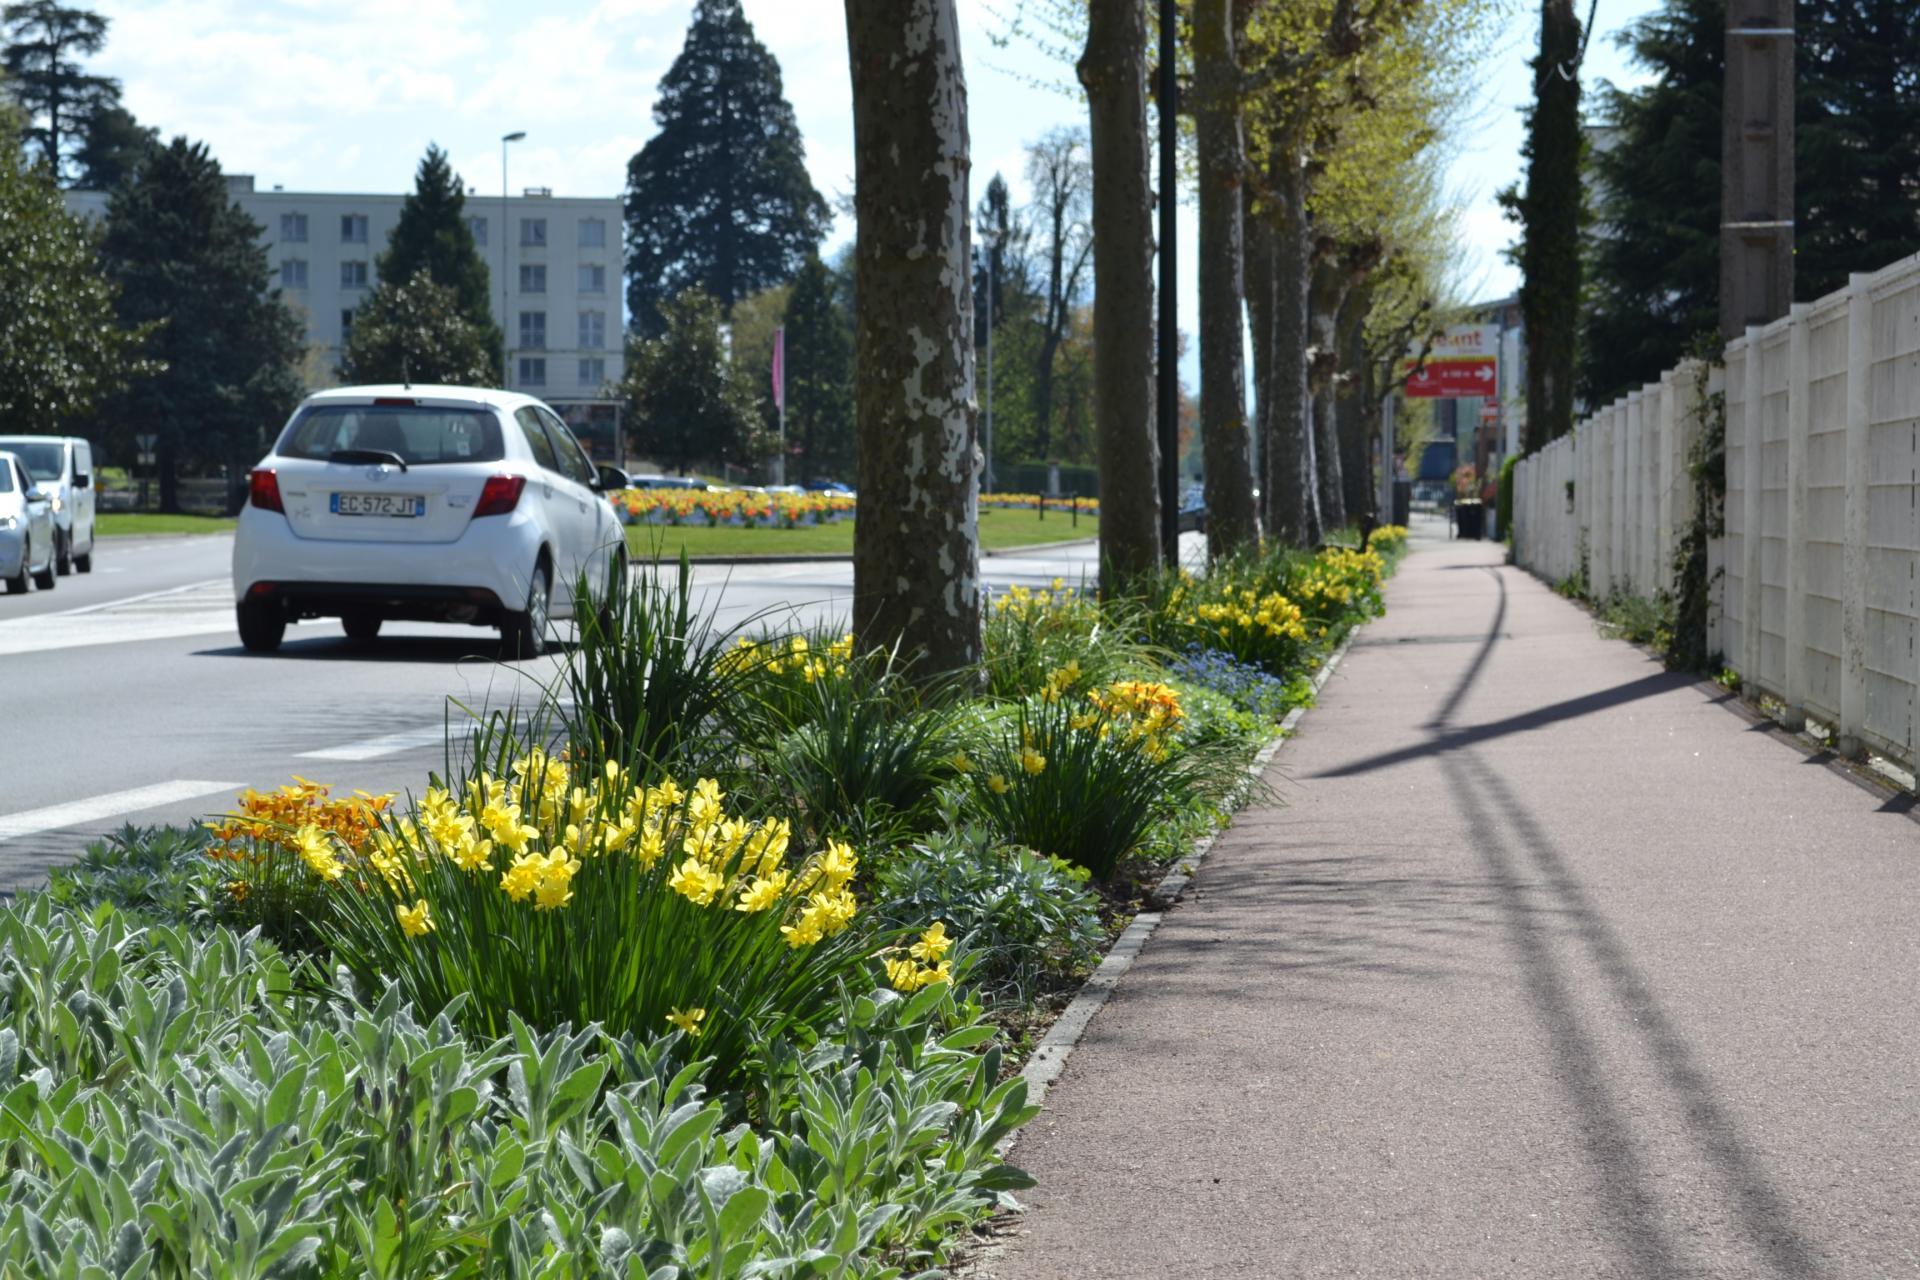 Aménagement paysager au printemps : bulbes et vivaces